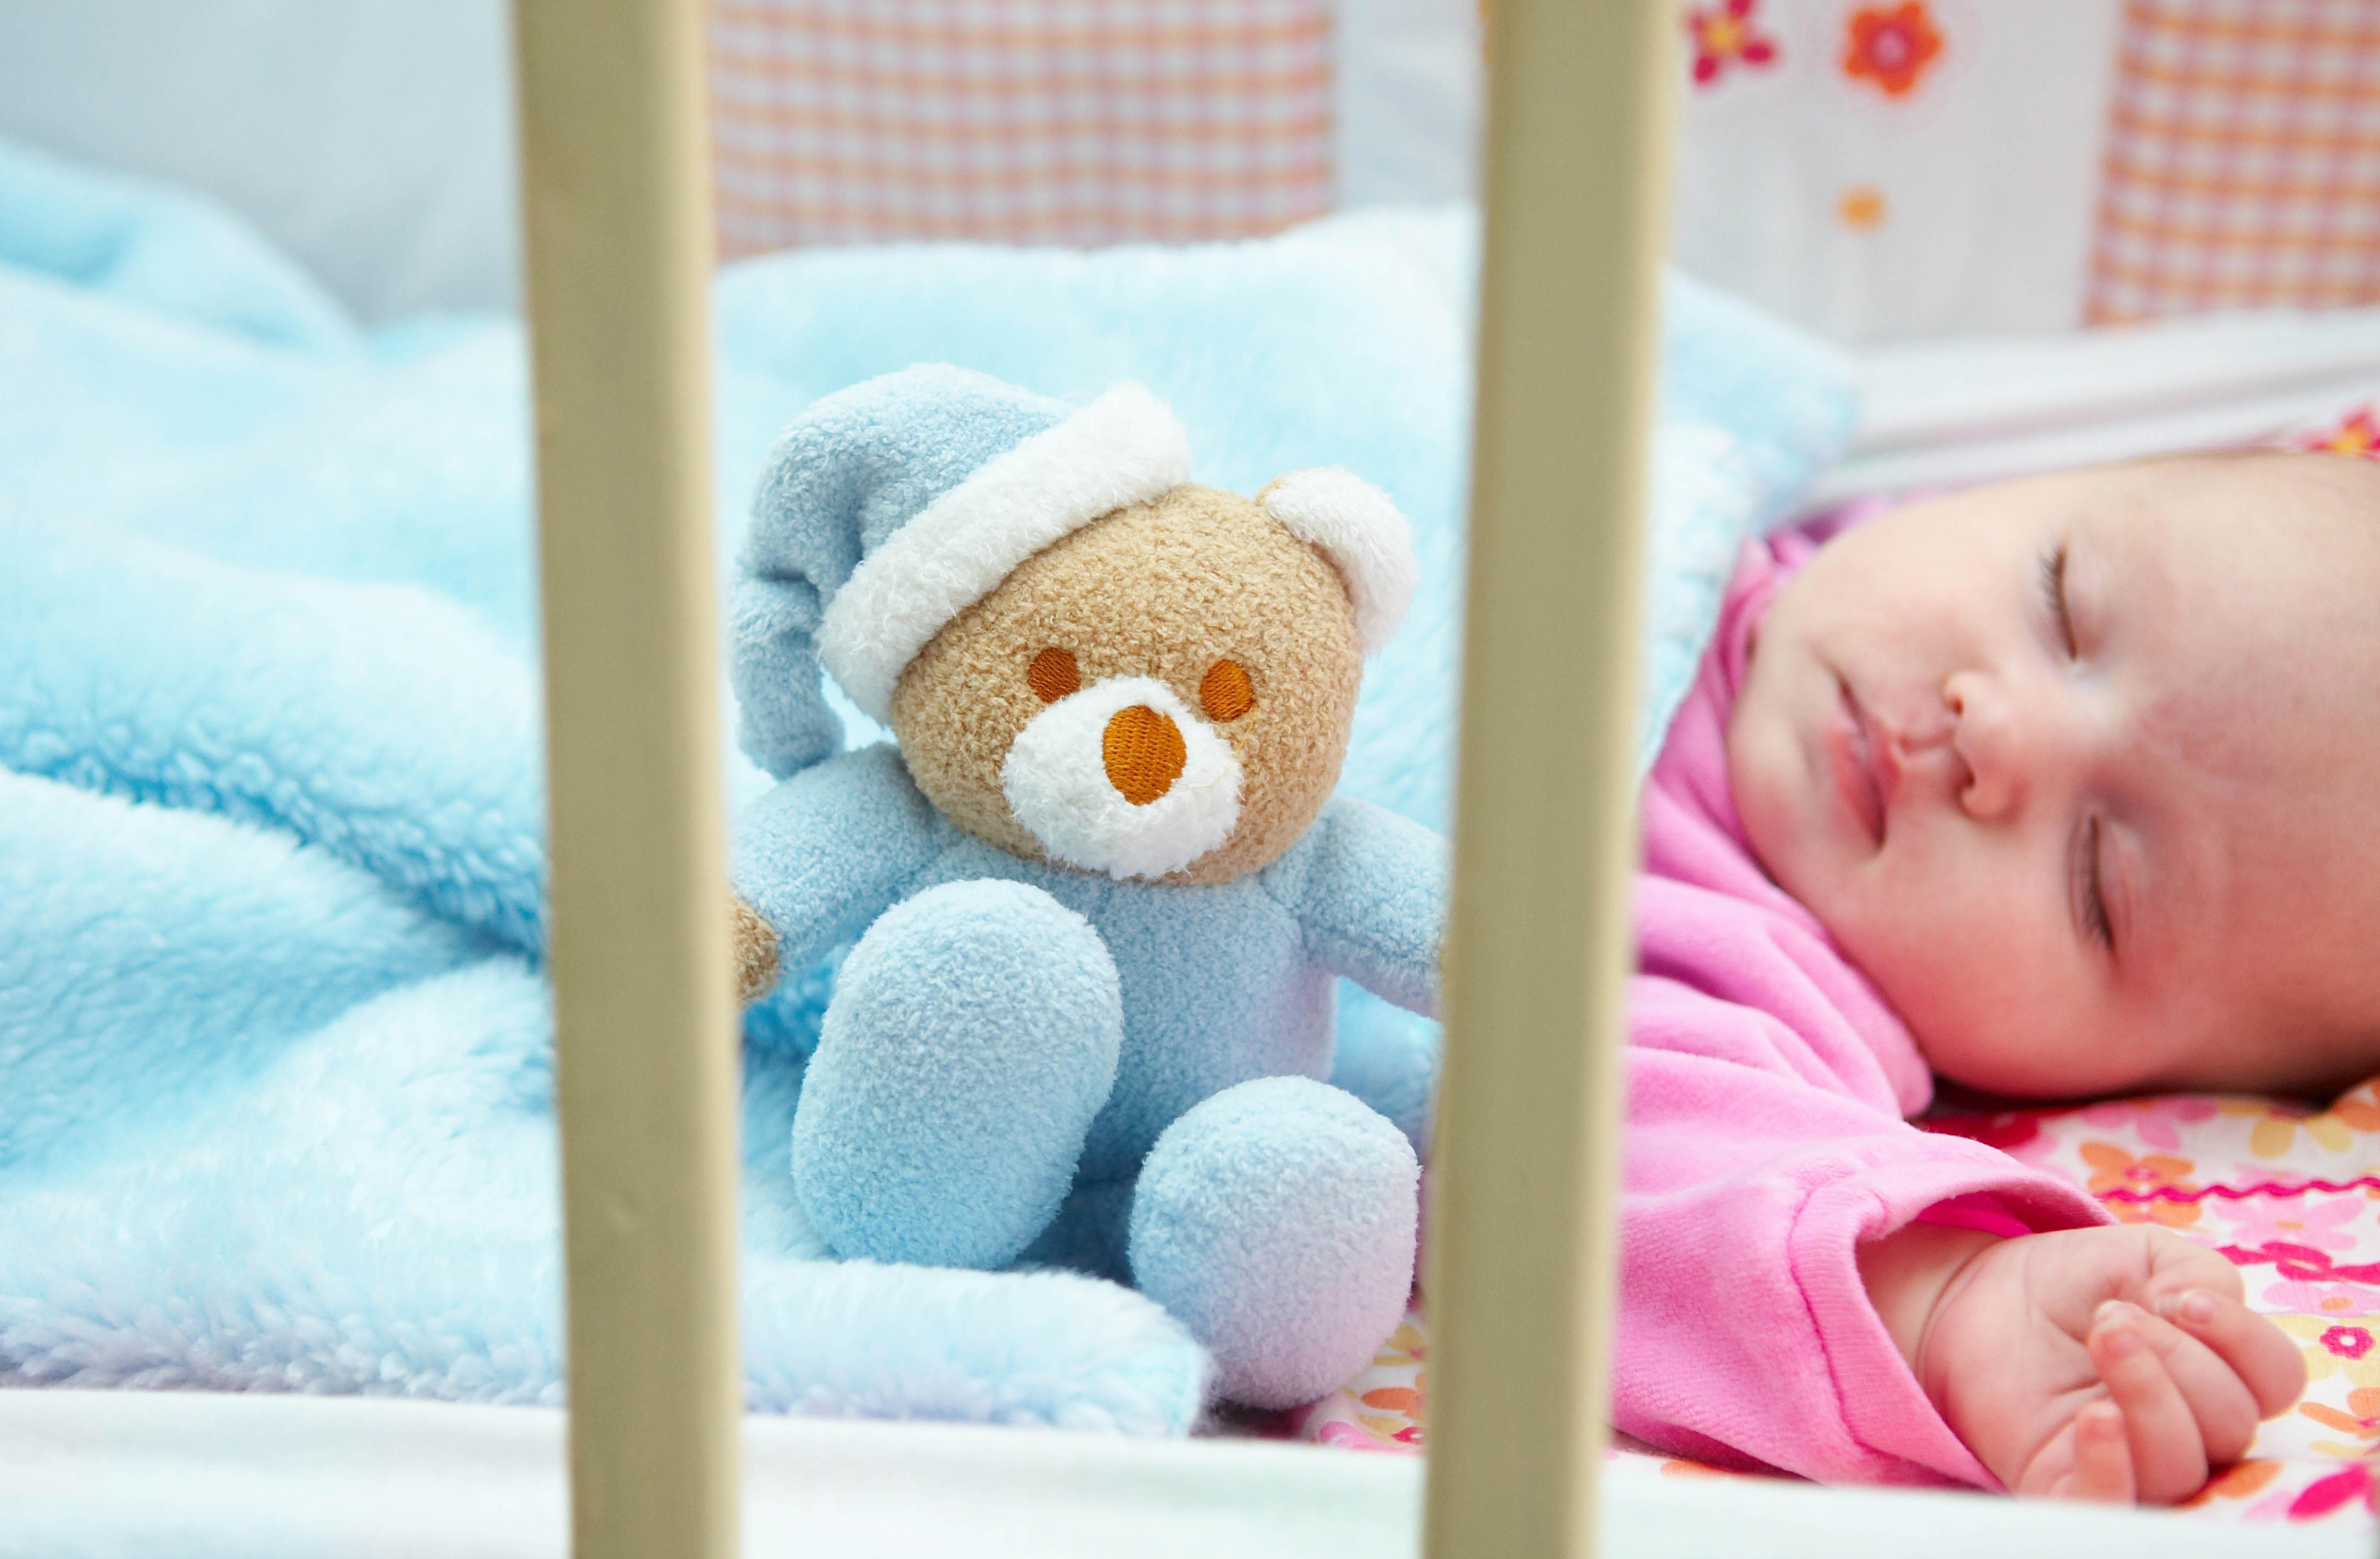 Почему новорожденный грудничок очень мало спит днем и капризничает